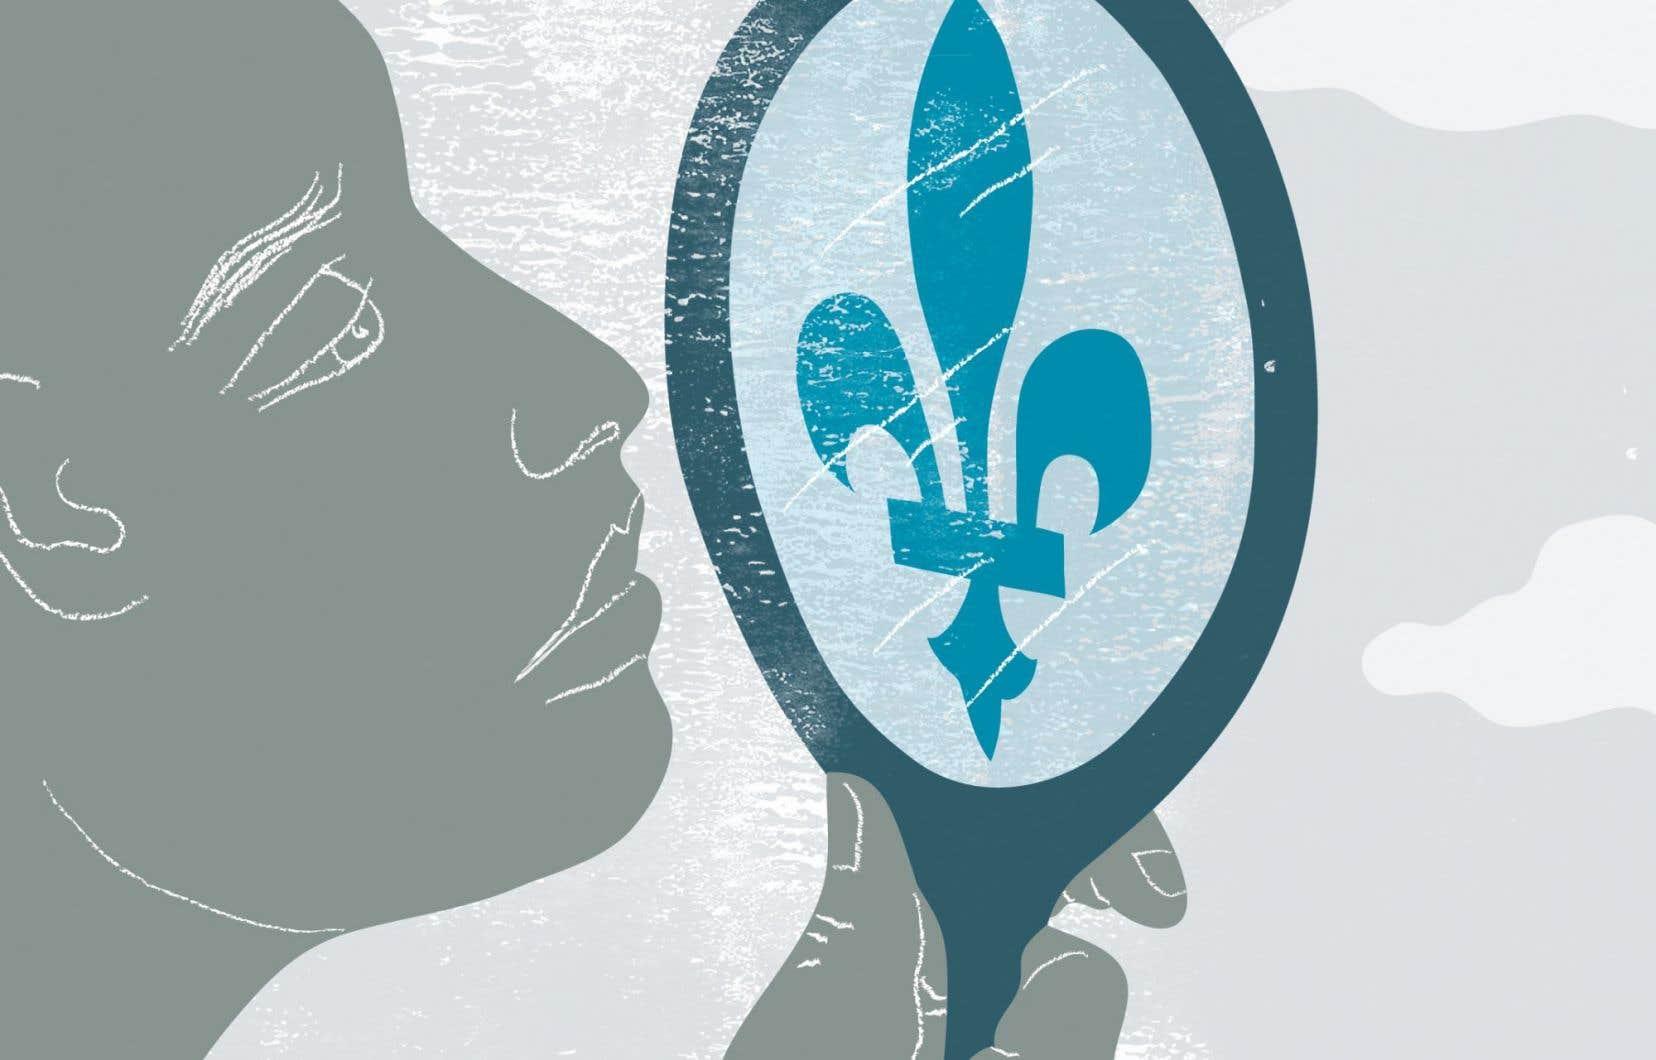 Le choix de s'intéresser à la thématique de l'identité pour les candidats à la chefferie du PQ se heurte à des difficultés de taille, selon Gérard Bouchard.